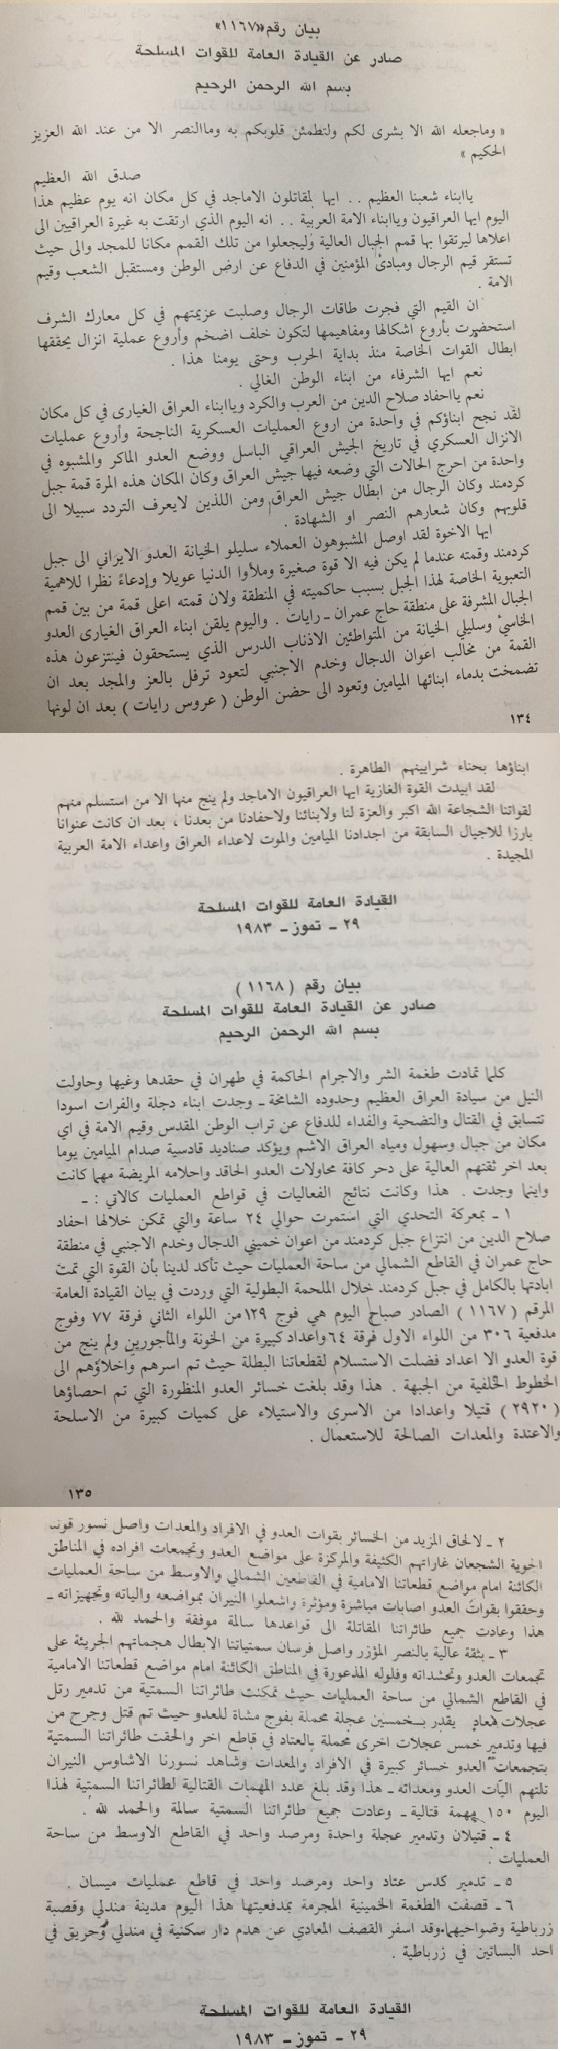 قصه السرب 106 مروحيات العراقي والمسلح بمروحيات Bo-105  Bayan.Gr